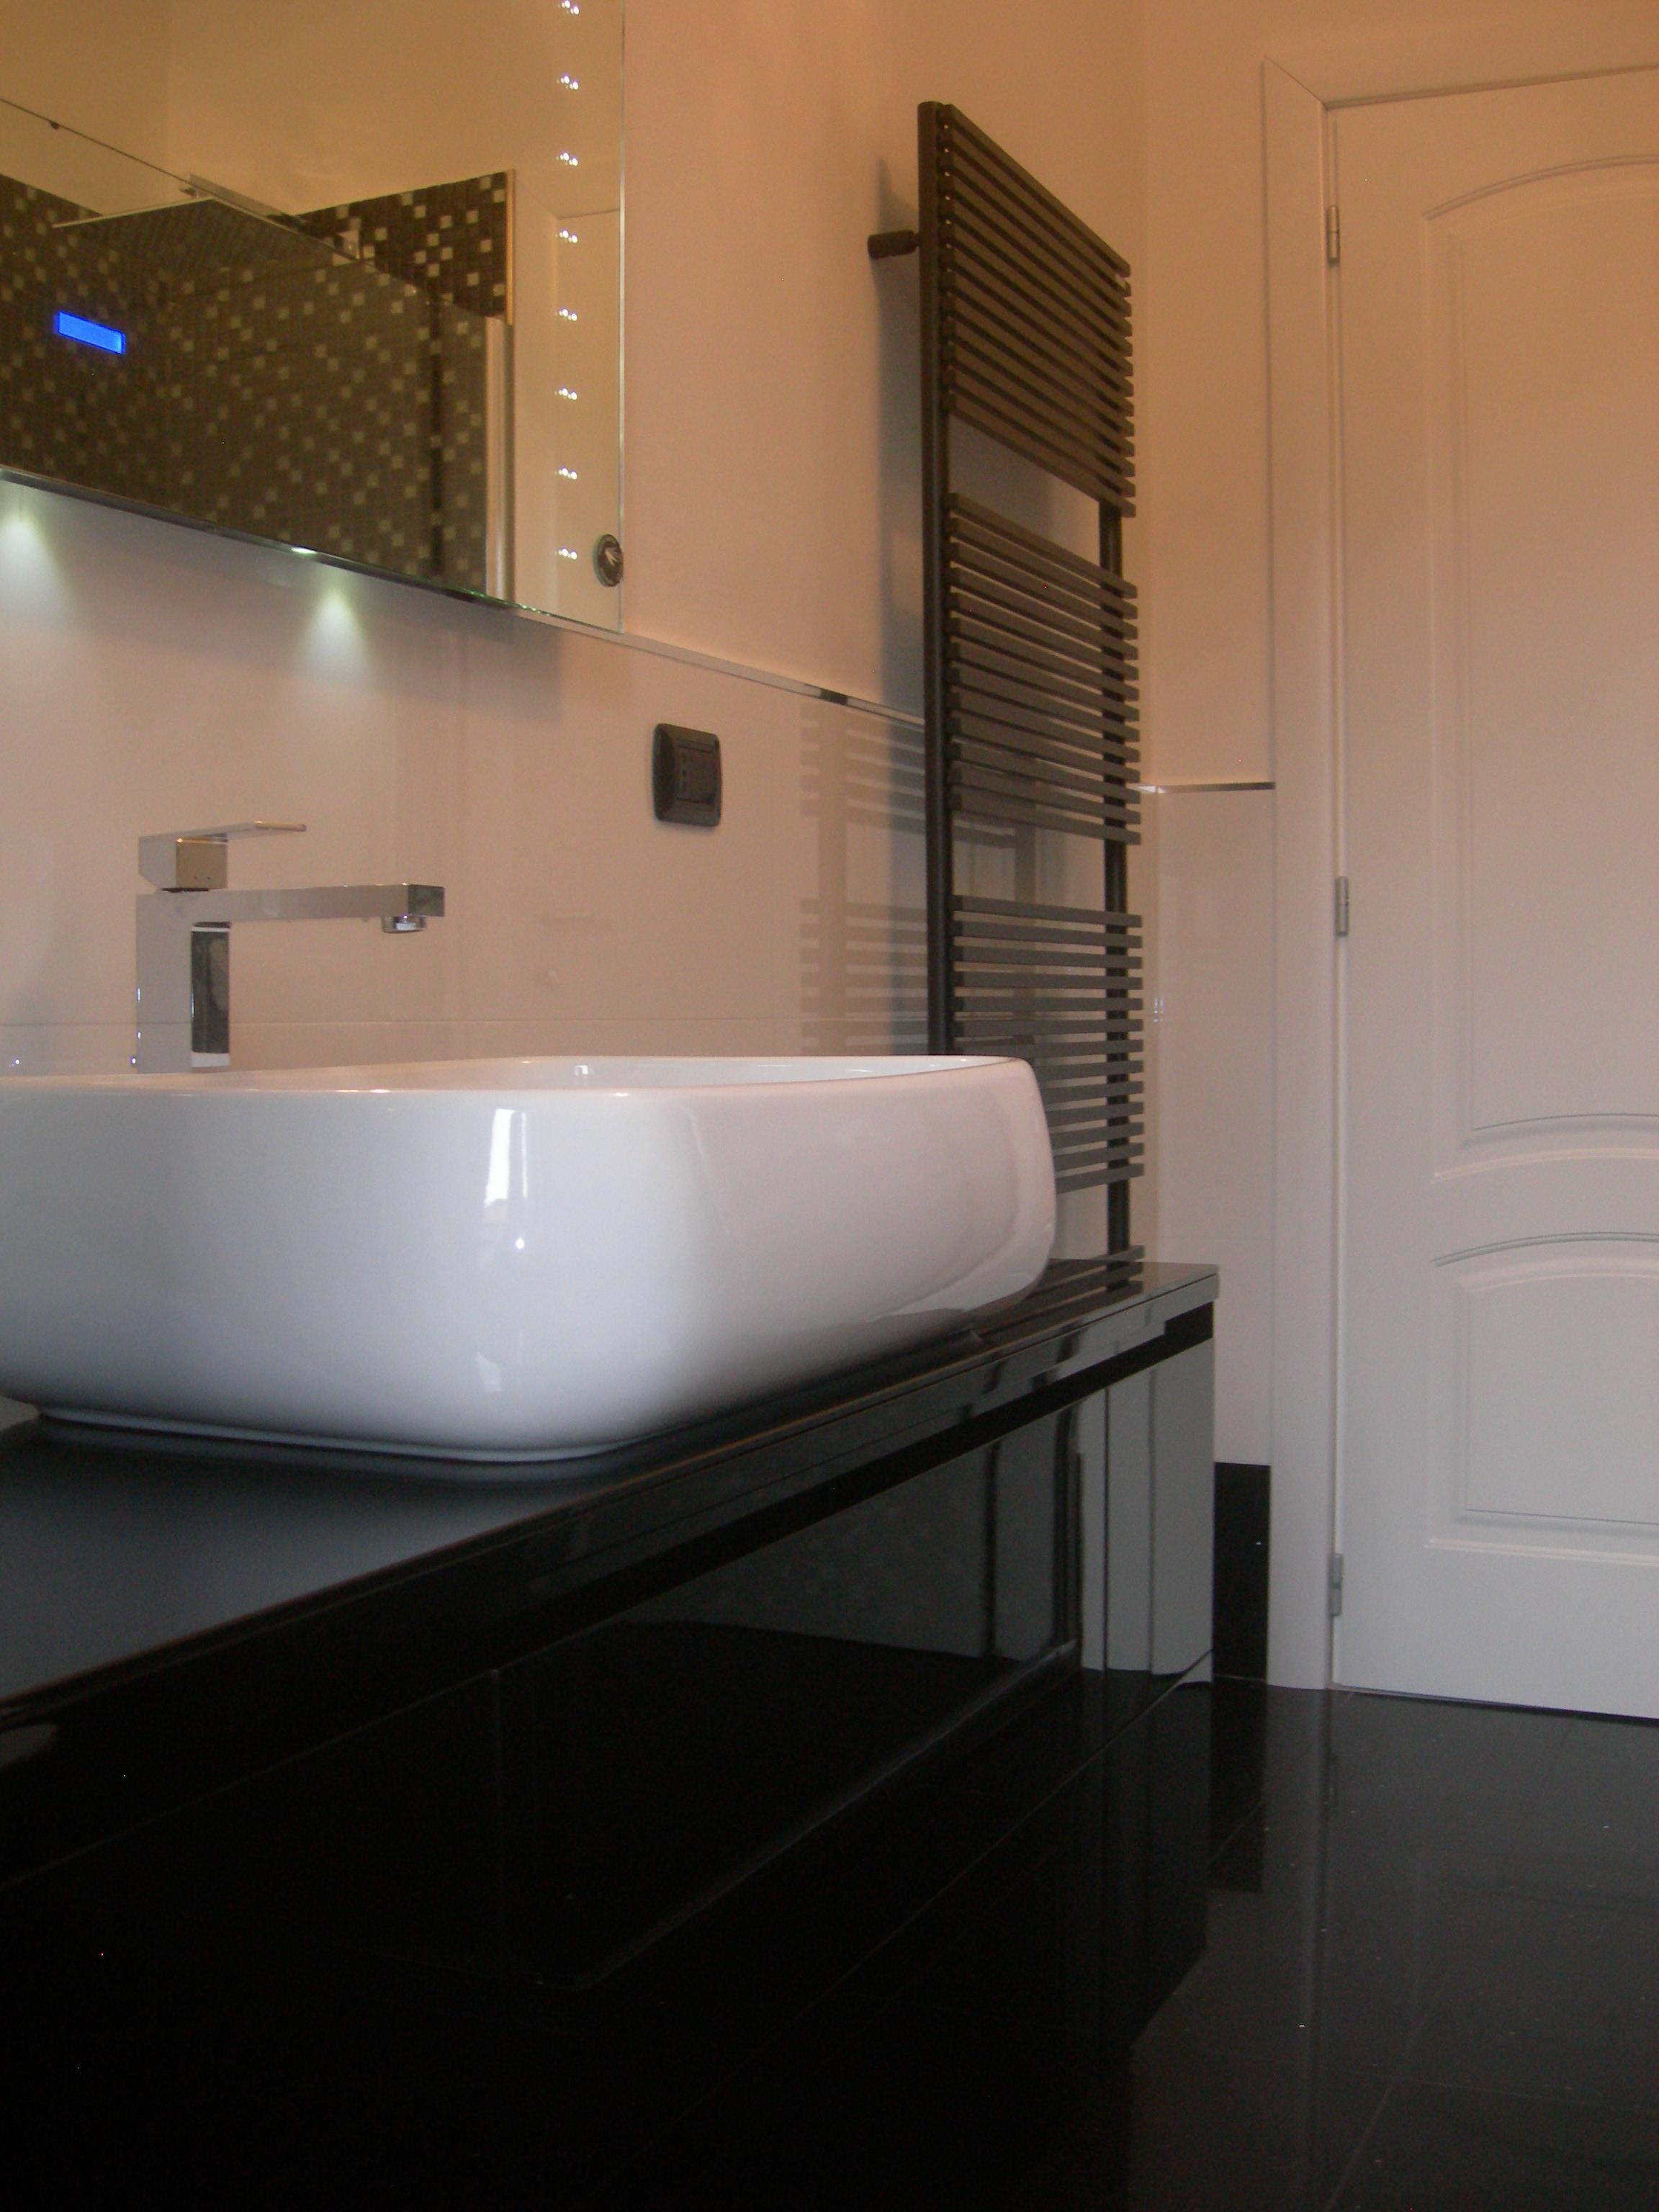 Bagno design bianco e nero edilcom fancelli - Bagno bianco e nero ...